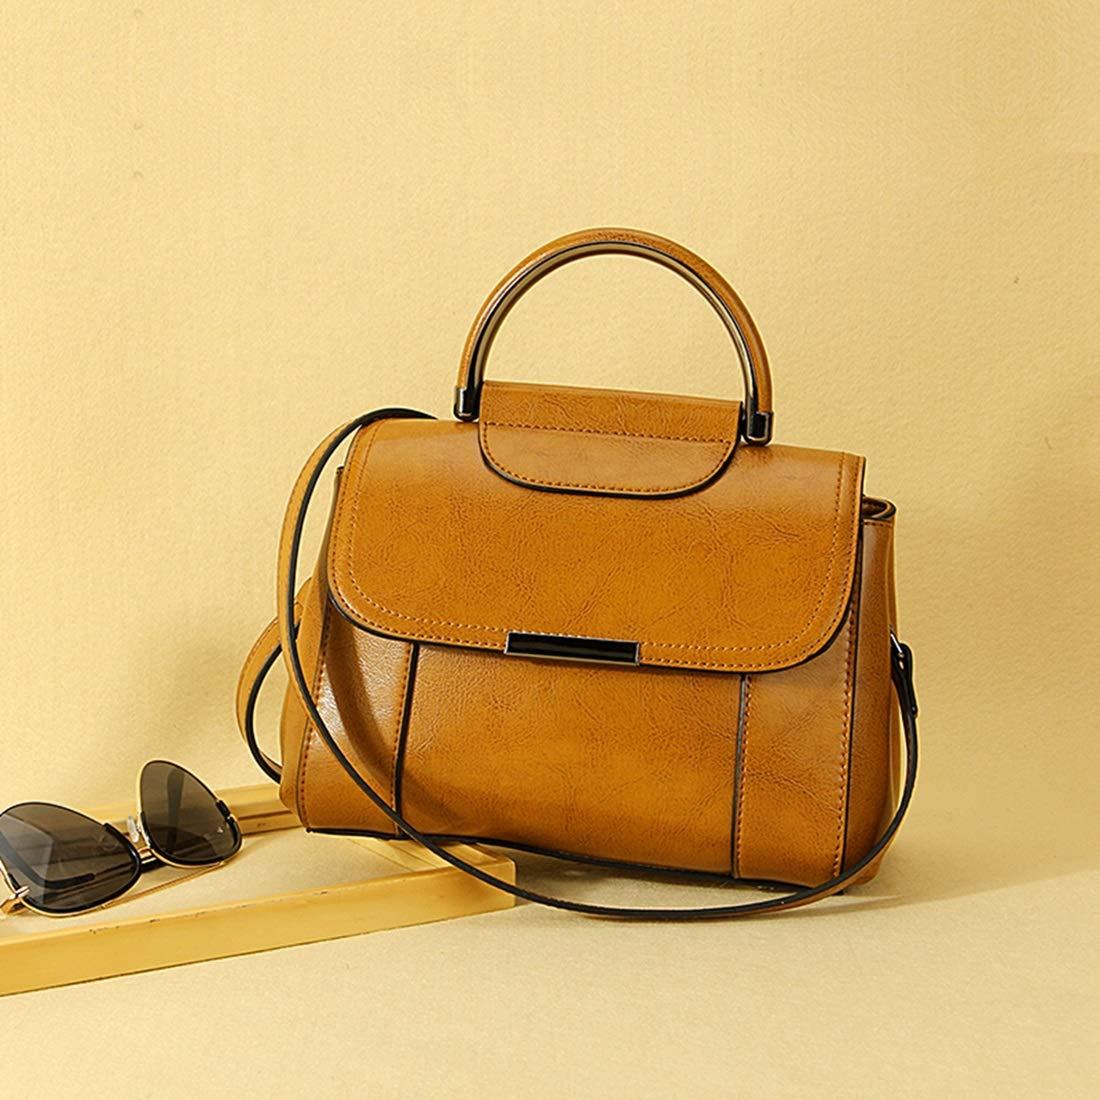 YJIU Väska Mode Väska Kvinnor Liten Läder Handväska Bärkning Axelväska (Färg: Offvit) svart